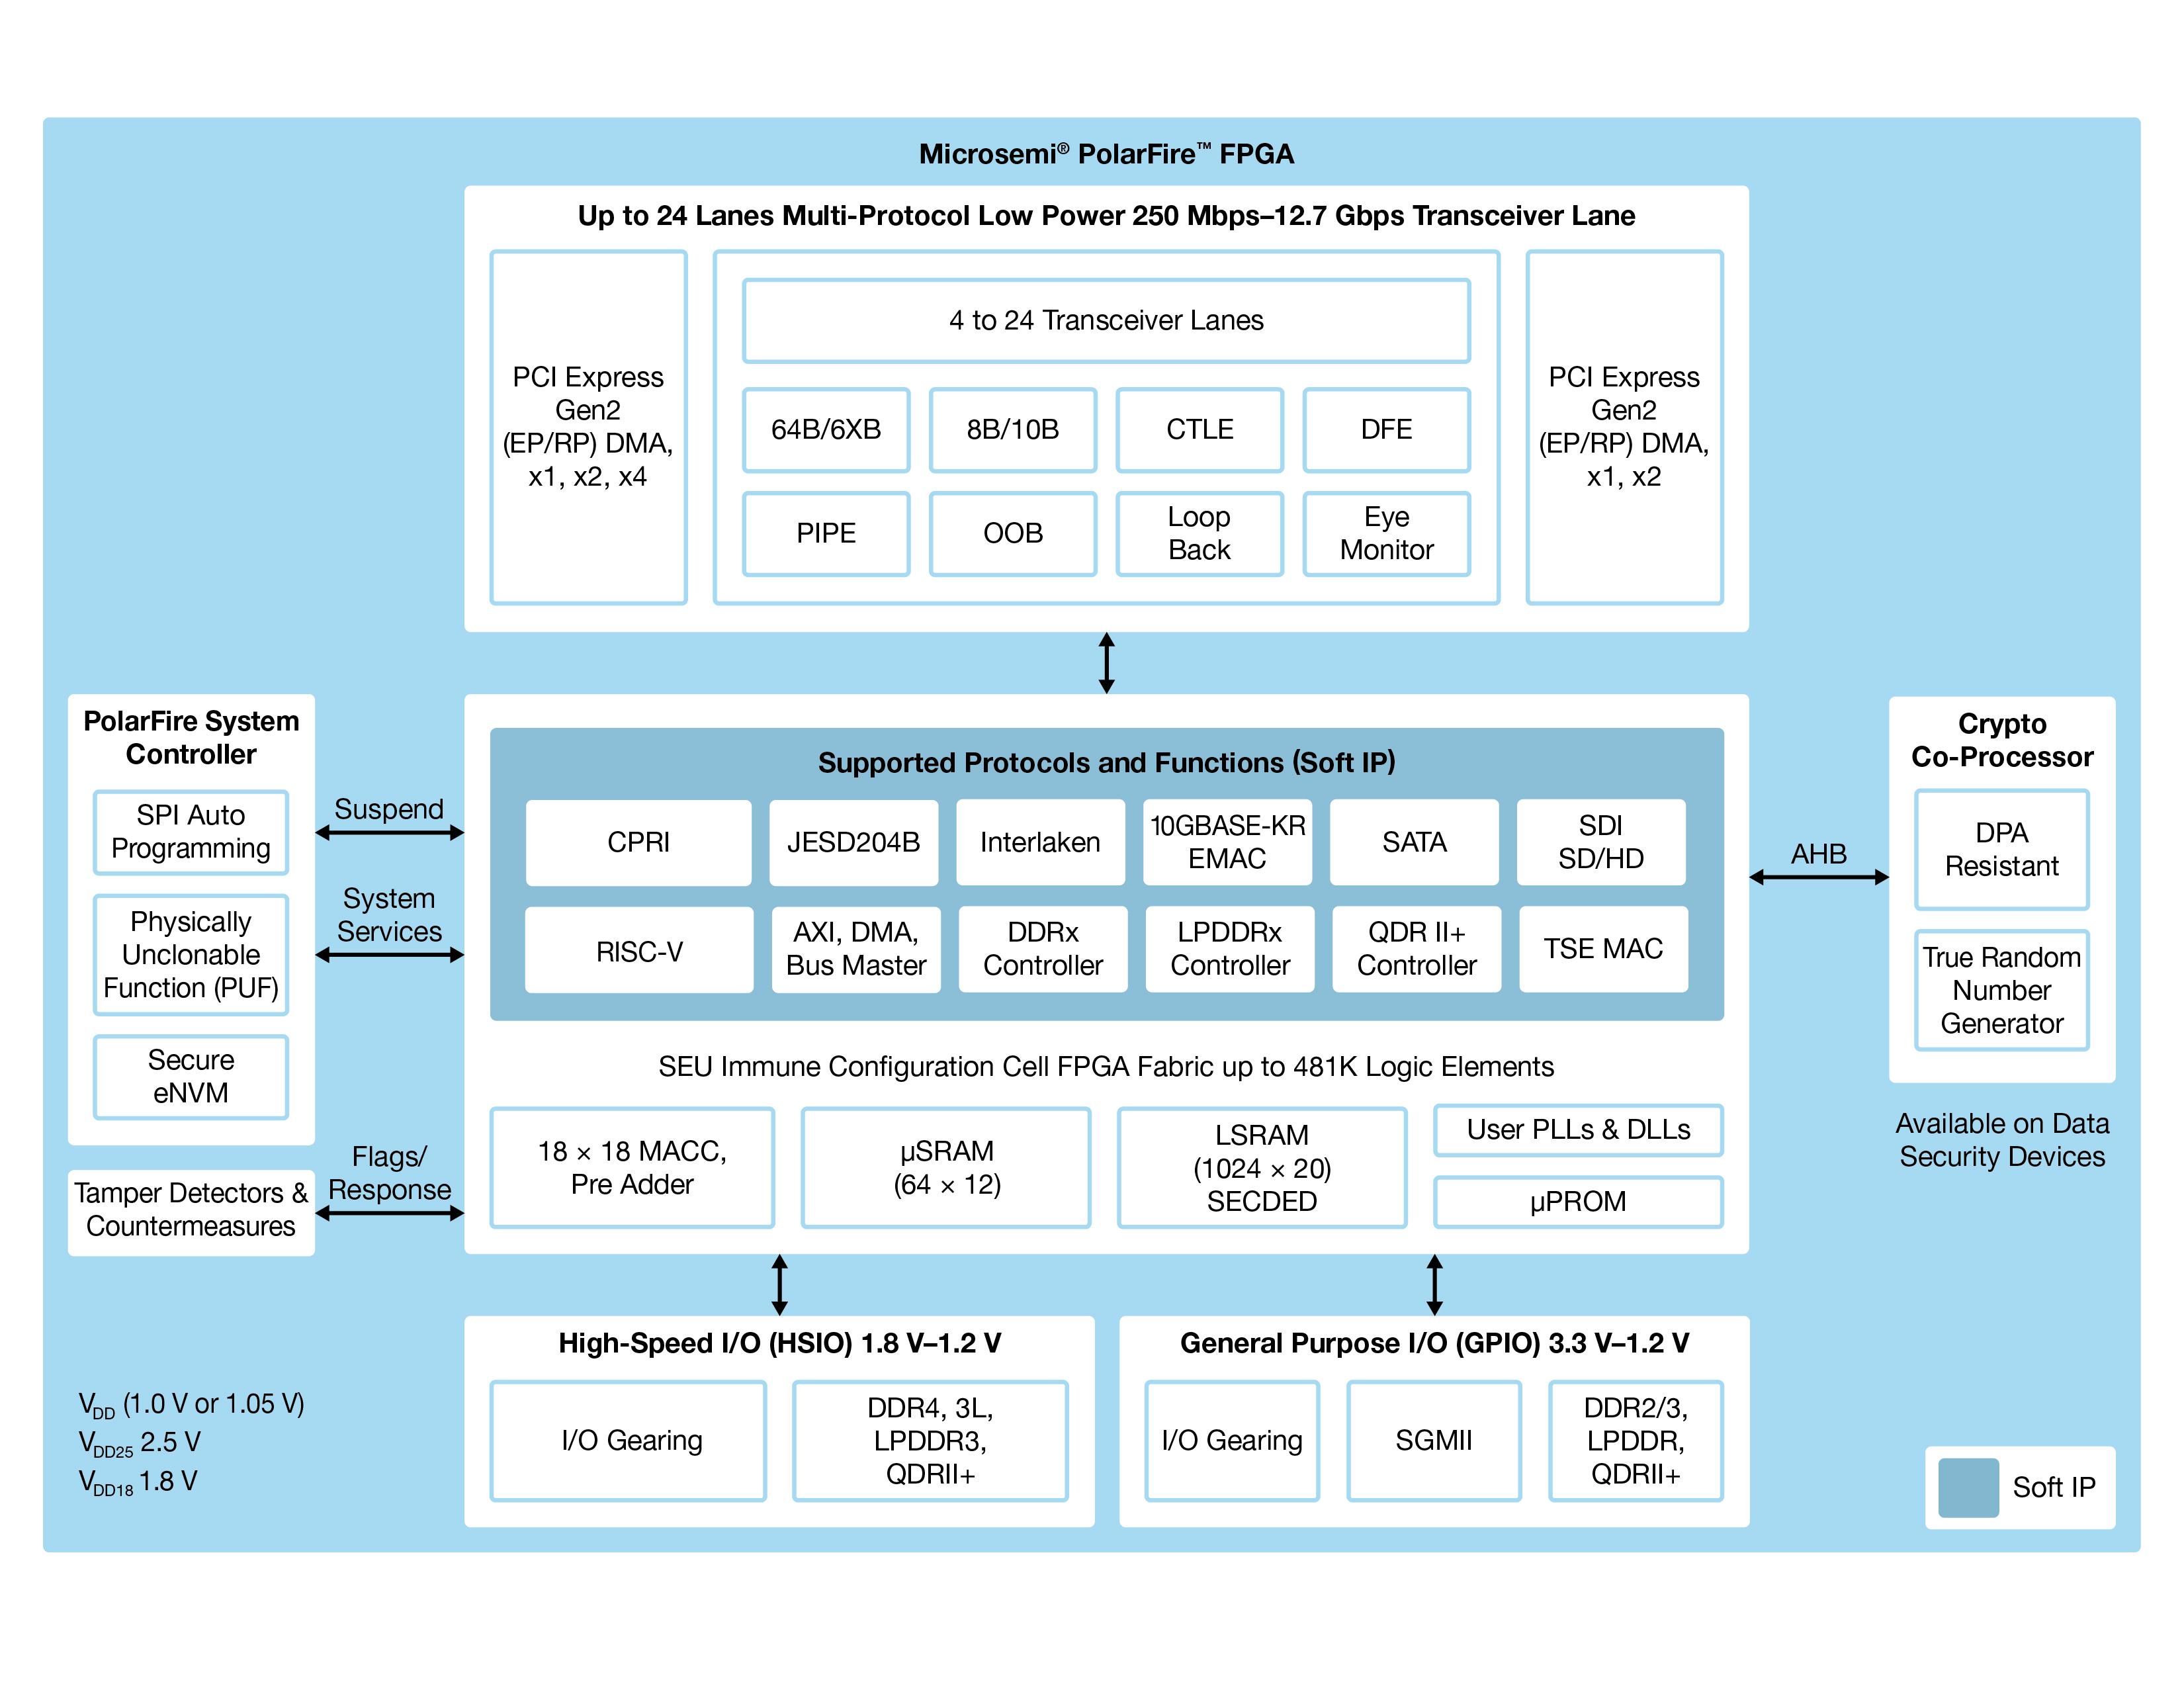 PolarFire FPGAs | Microsemi